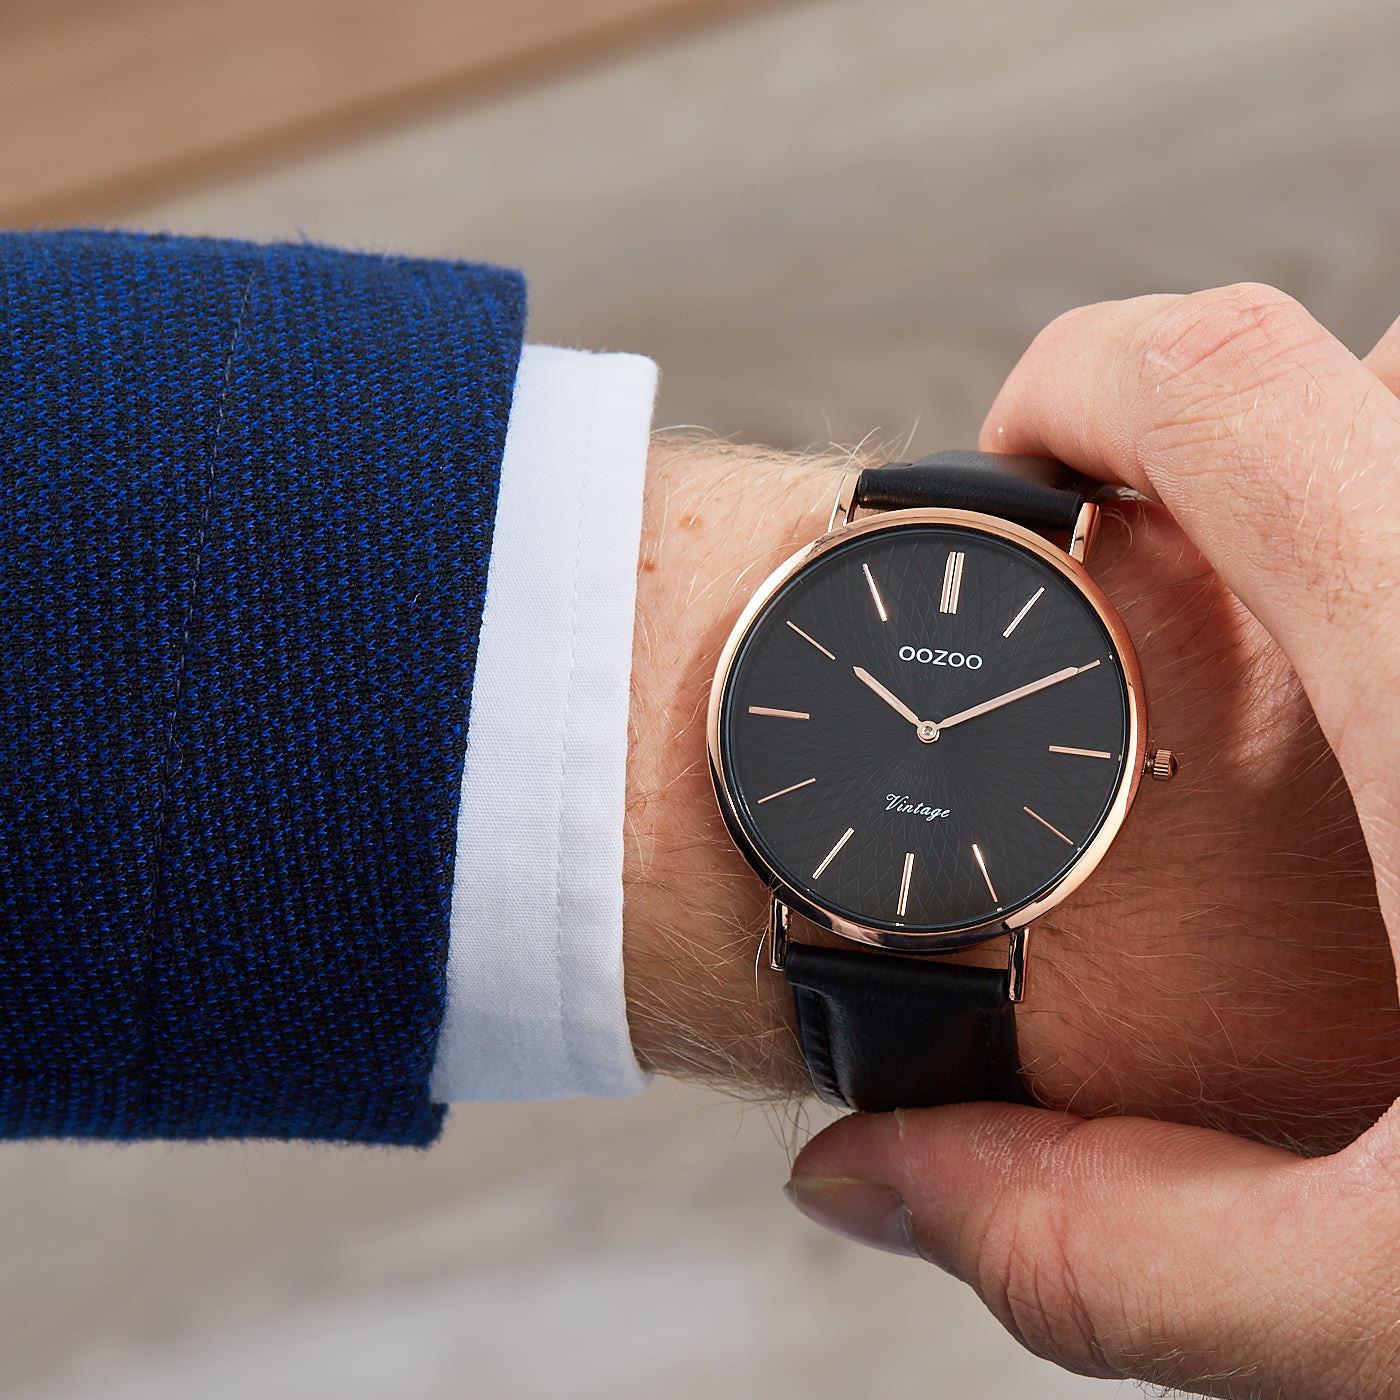 0c75490c757 OOZOO Vintage watch C9339 - Watches